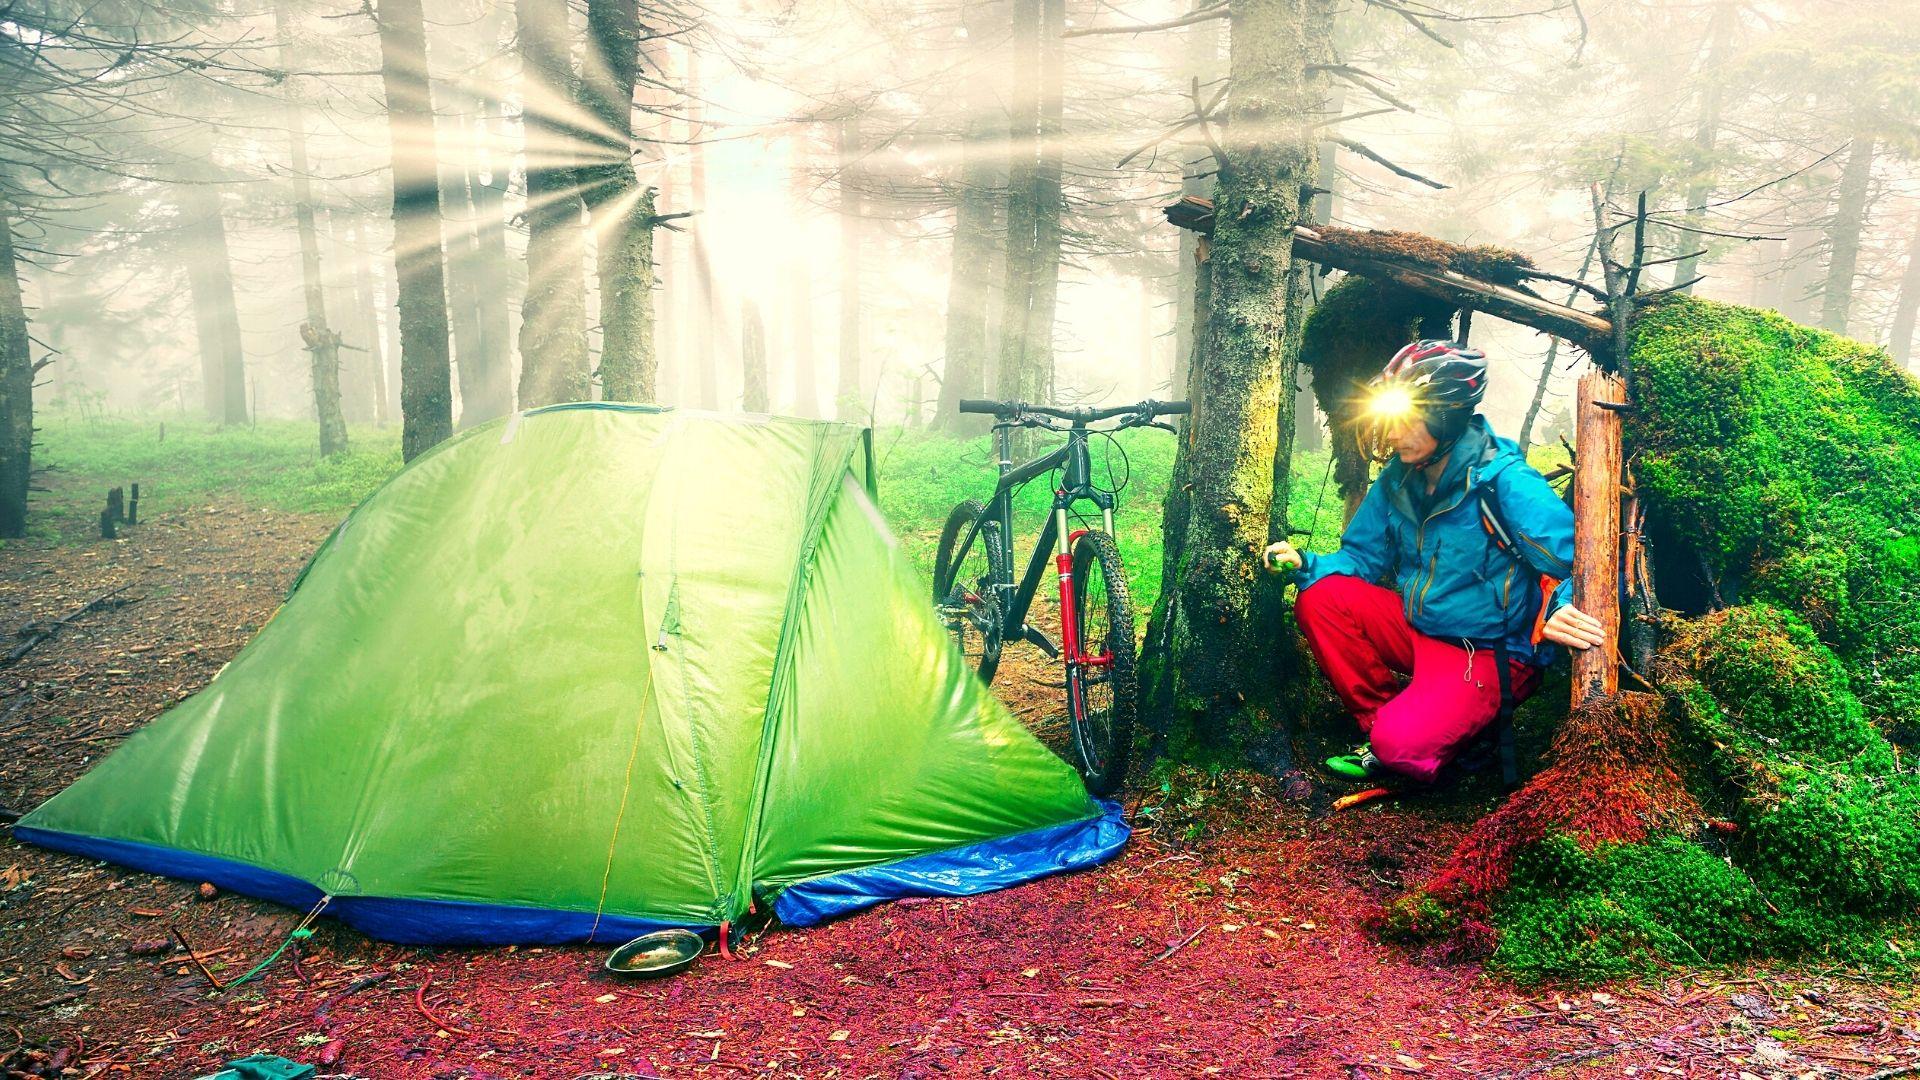 Cyclotourisme vélo cycle cyclisme tourisme voyage vacance